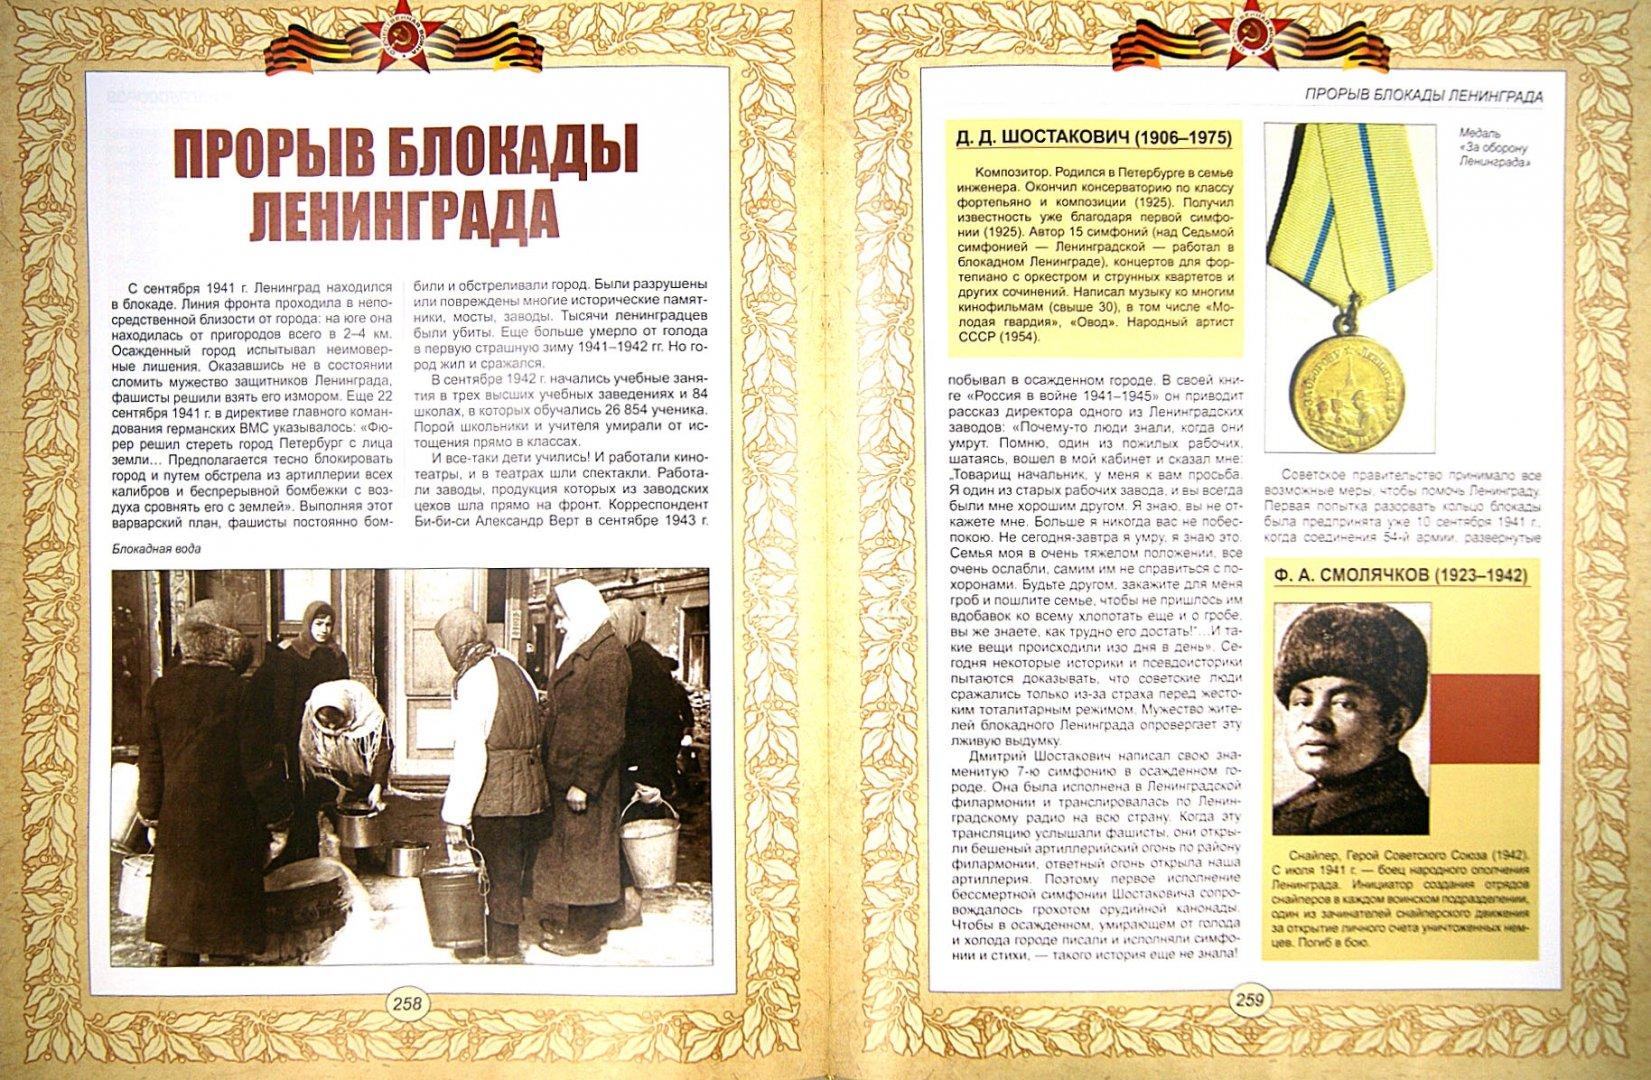 Иллюстрация 1 из 10 для Великая Отечественная война - Ржешевский, Никифоров   Лабиринт - книги. Источник: Лабиринт